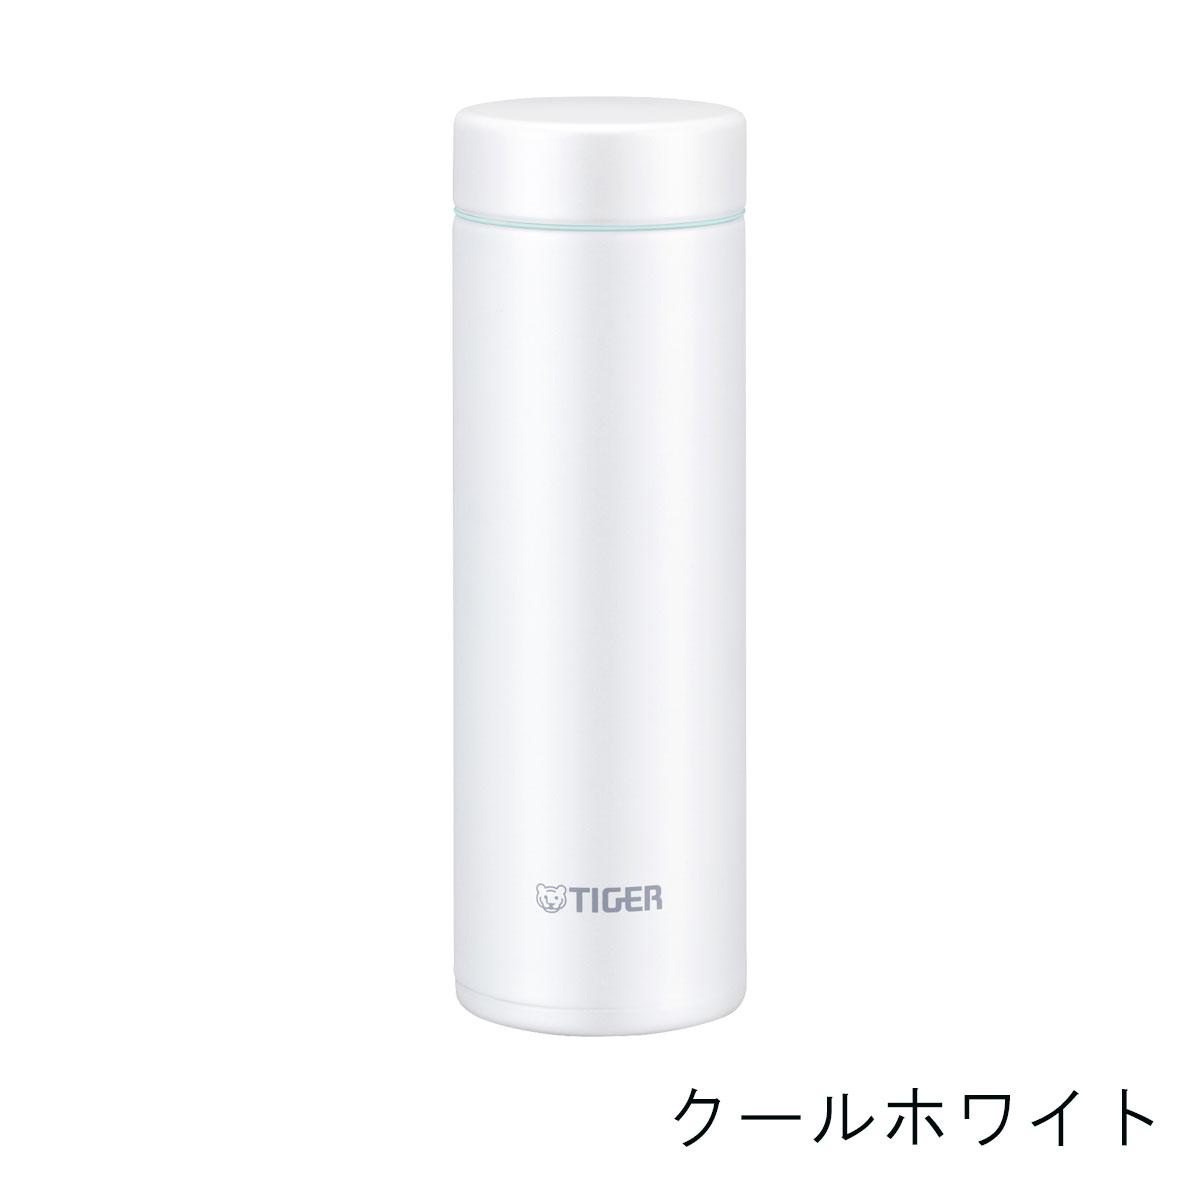 タイガー 真空断熱ステンレスミニボトル 300ml MMP-J031